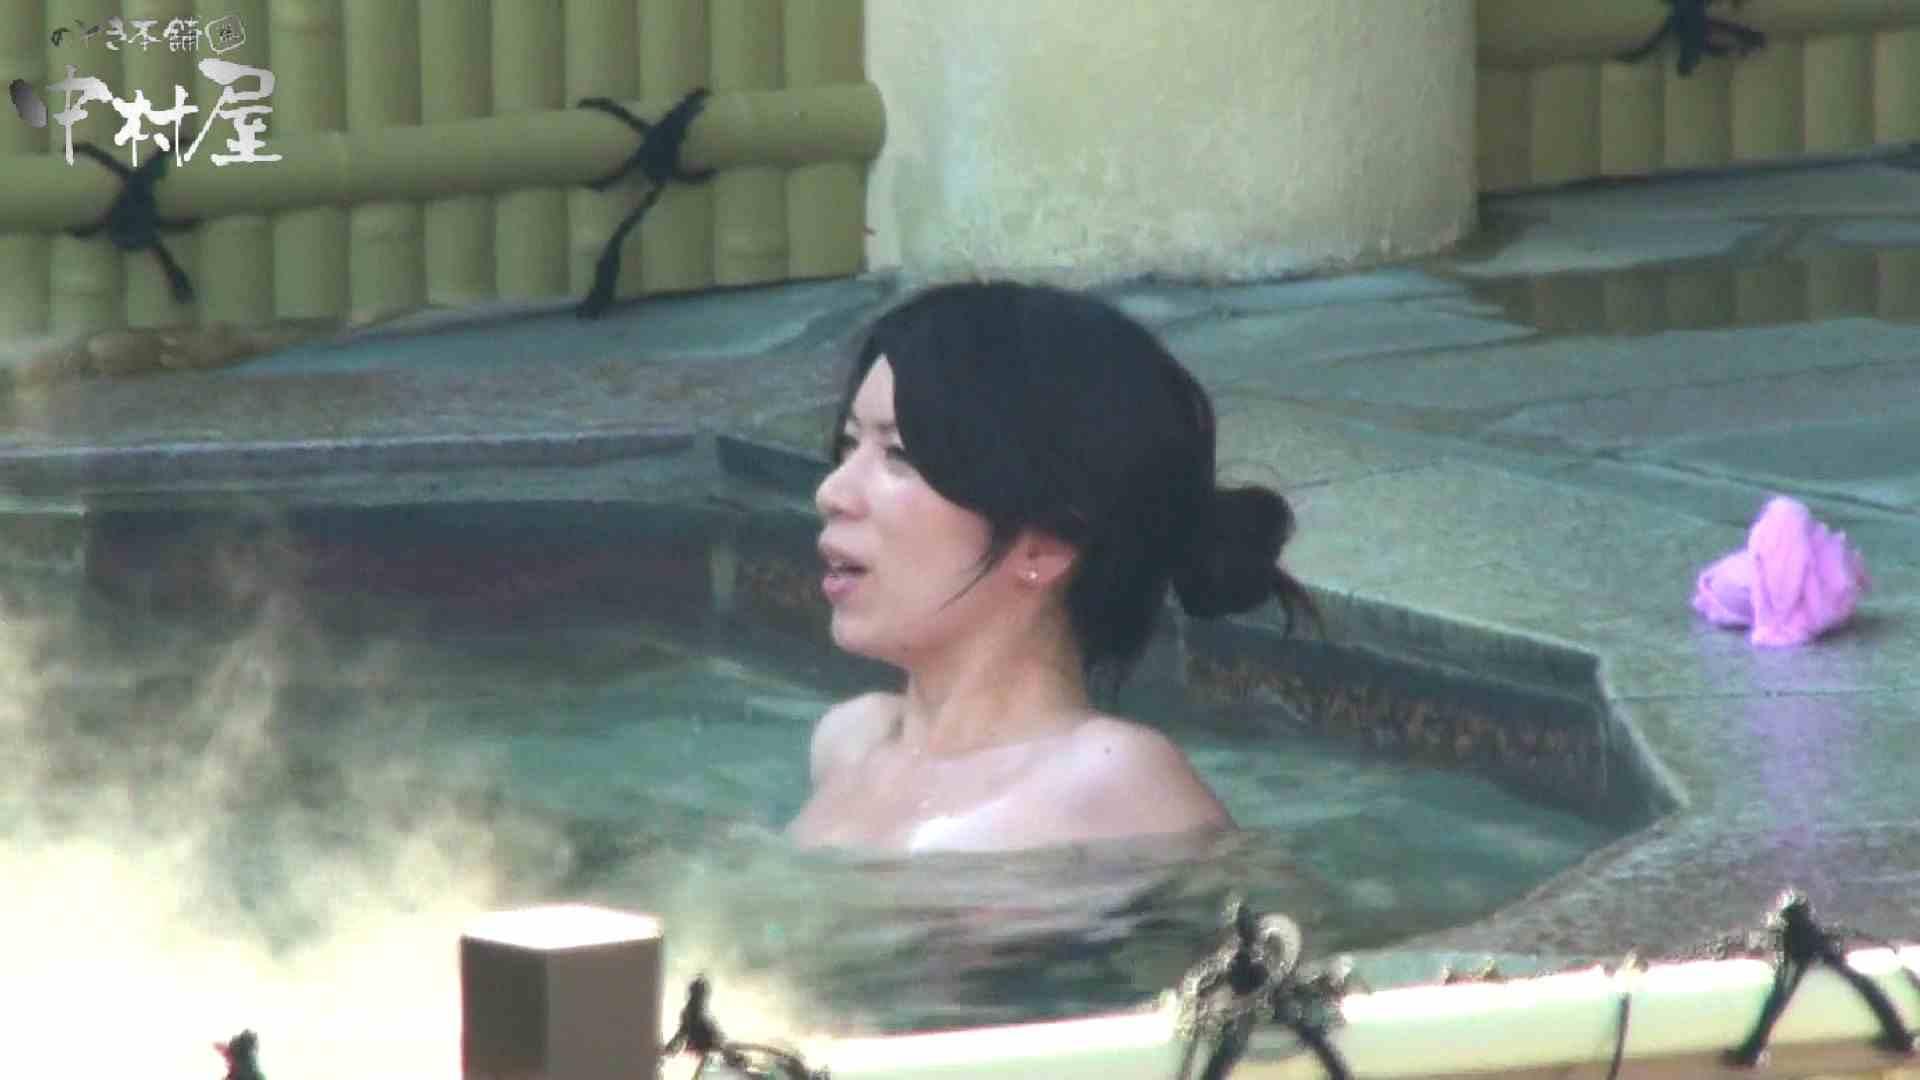 Aquaな露天風呂Vol.919 綺麗なOLたち おまんこ無修正動画無料 65枚 20